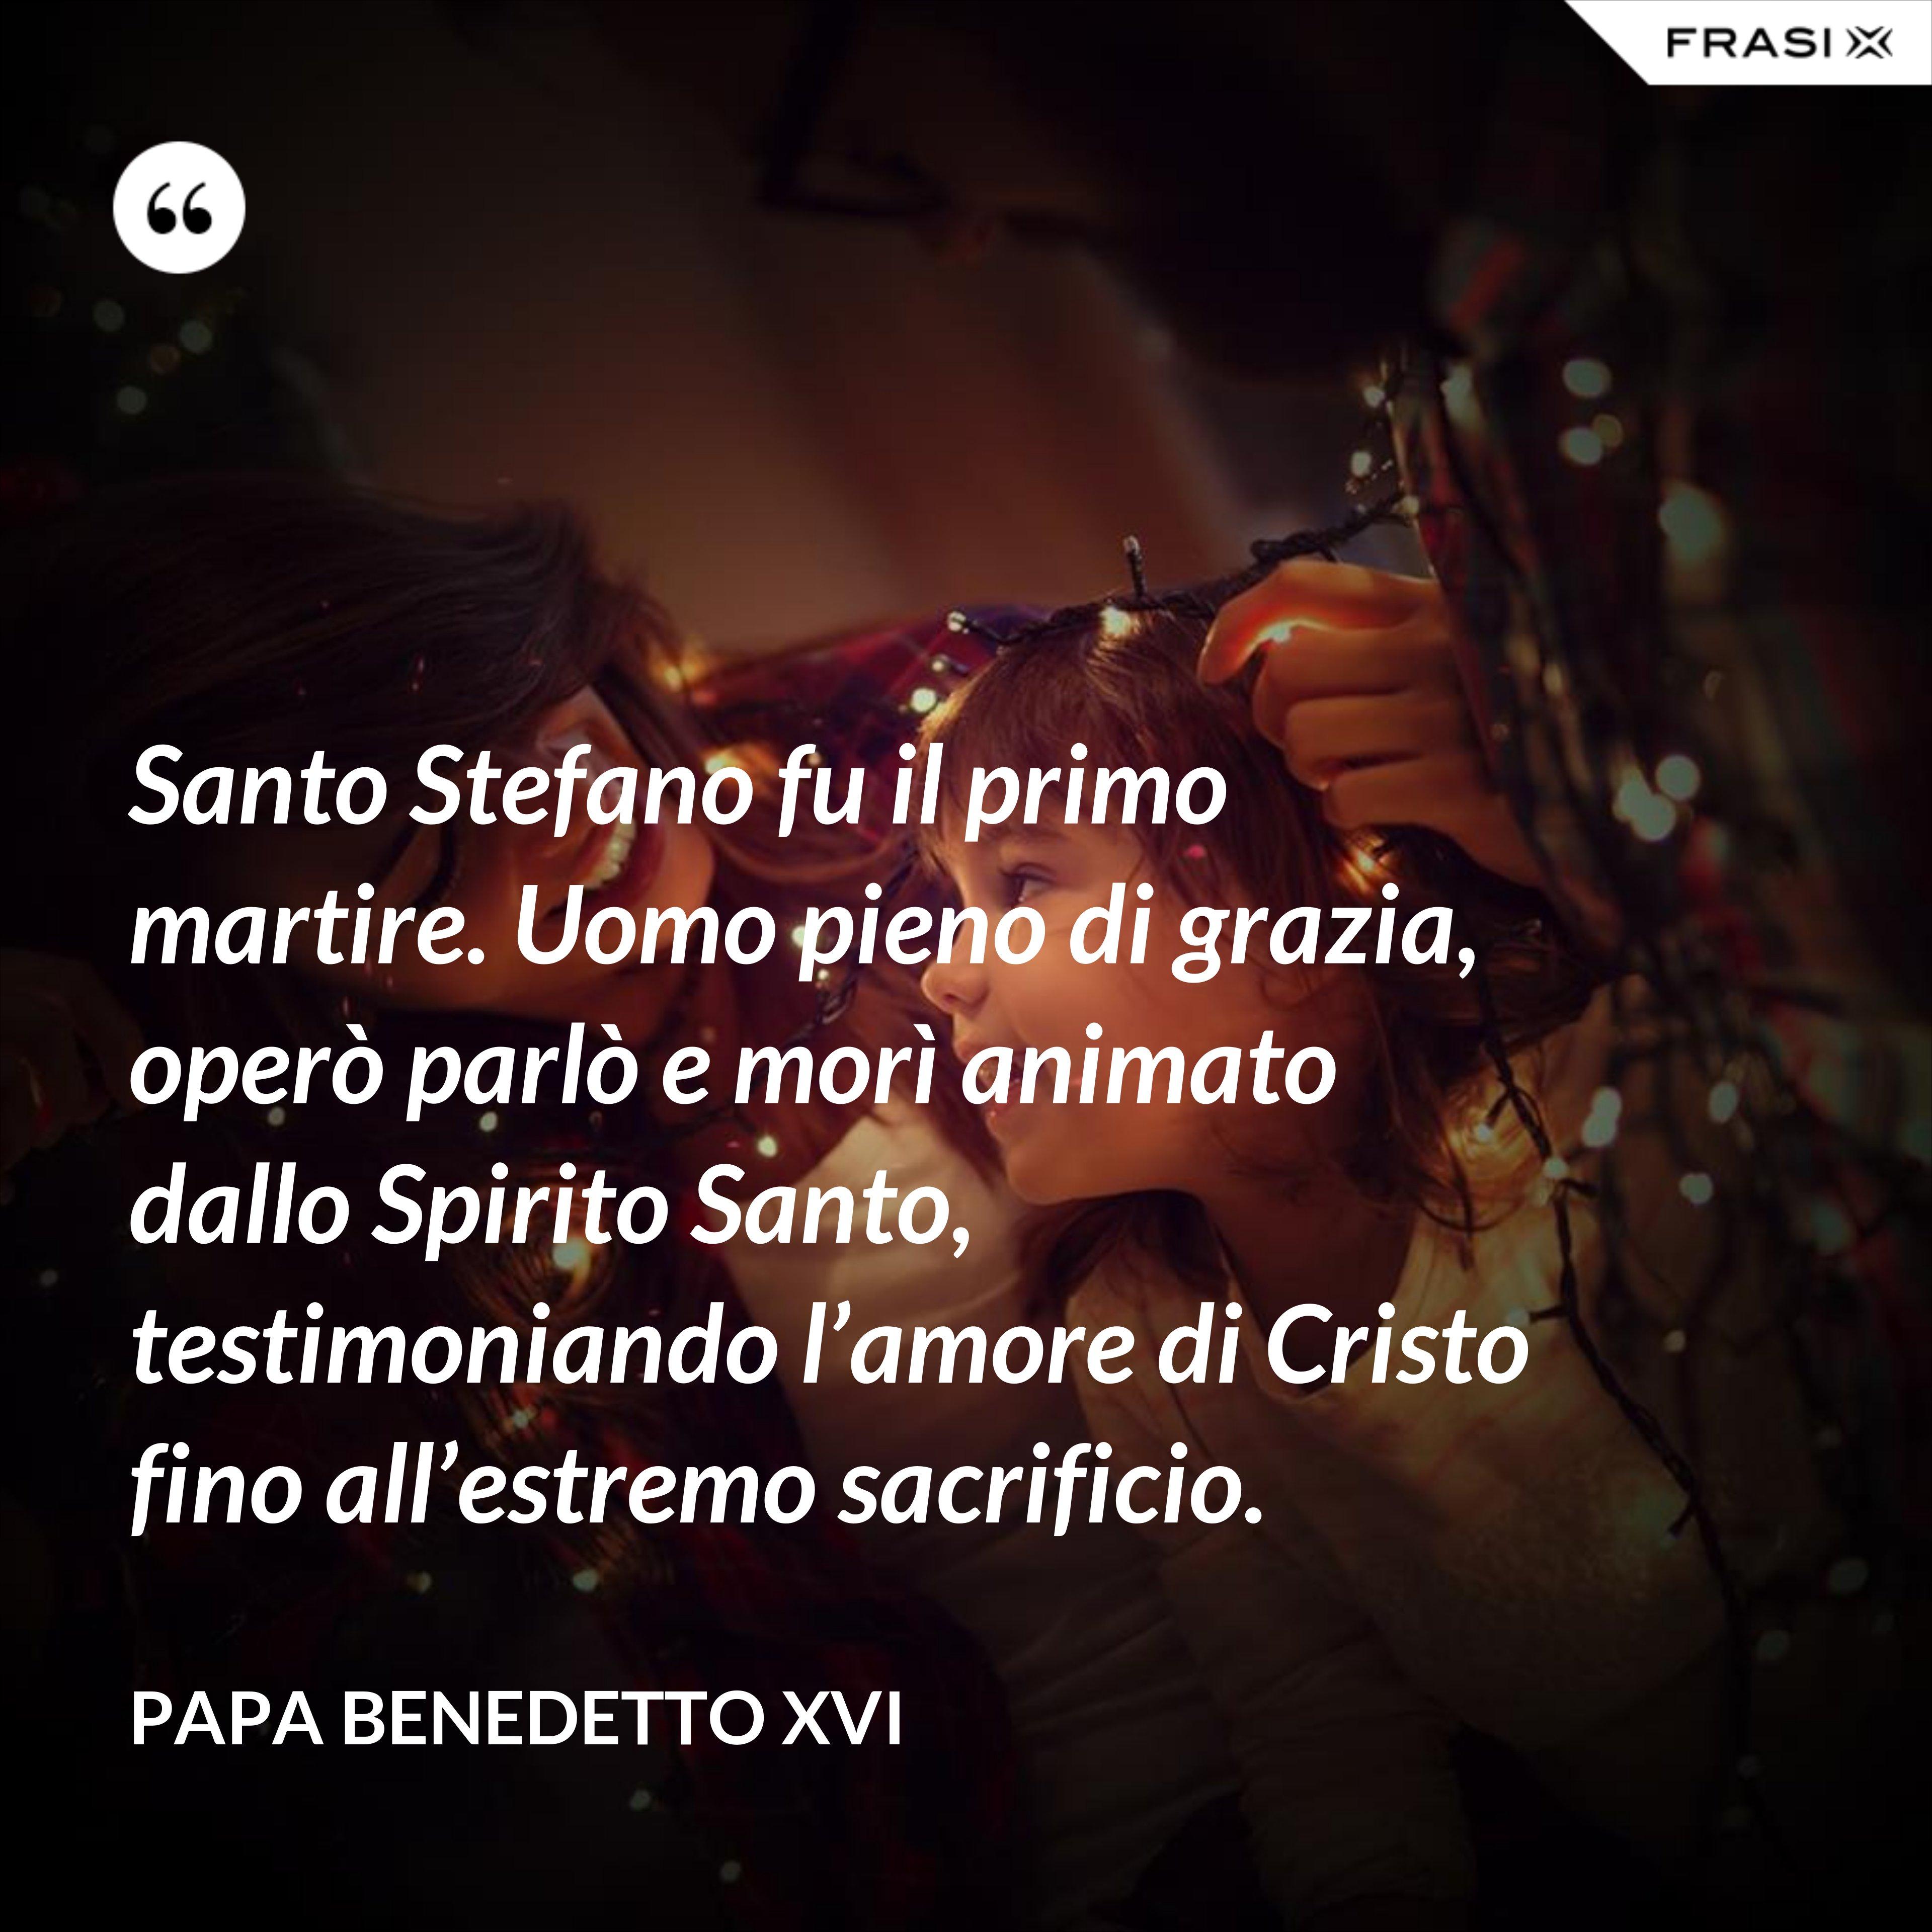 Santo Stefano fu il primo martire. Uomo pieno di grazia, operò parlò e morì animato dallo Spirito Santo, testimoniando l'amore di Cristo fino all'estremo sacrificio. - Papa Benedetto XVI